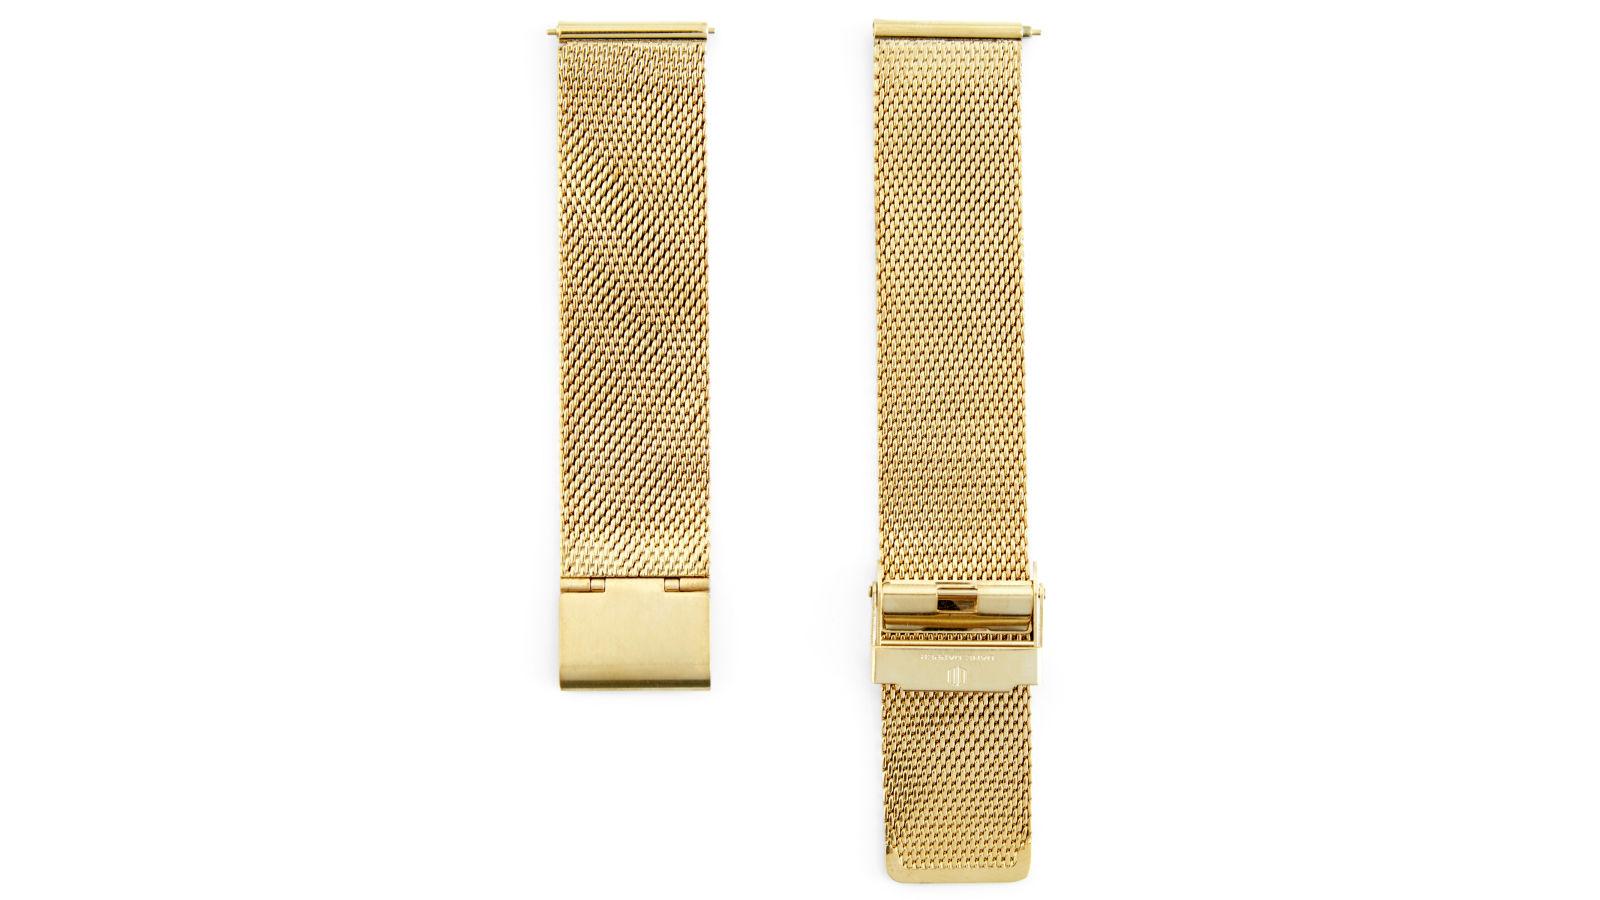 306019a4a446 Correa para reloj de malla metálica dorada